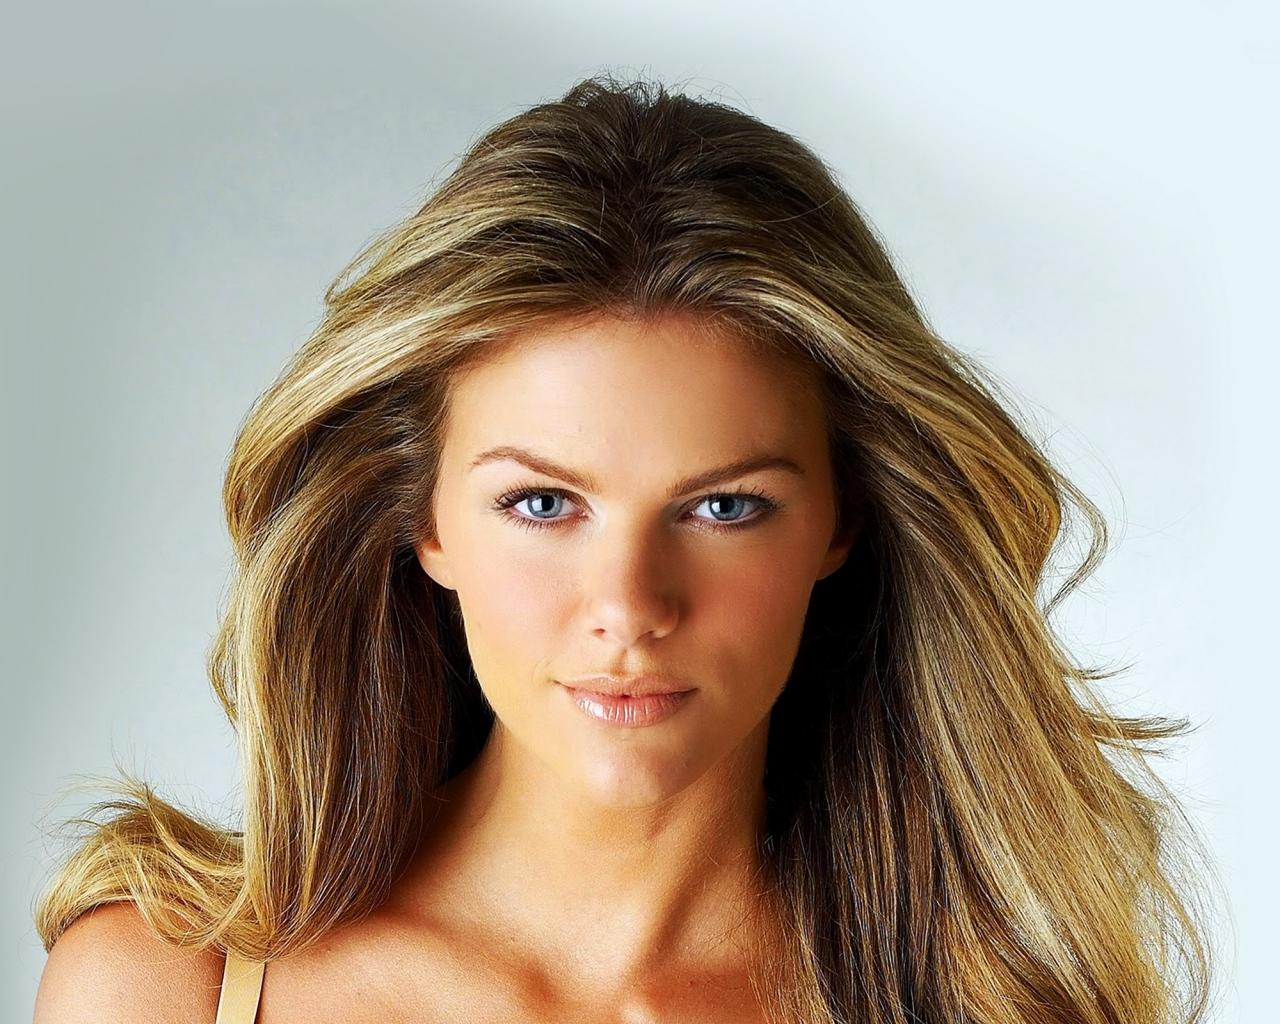 brooklyn_decker_actress_blonde_face_make_up_110098_1280x1024